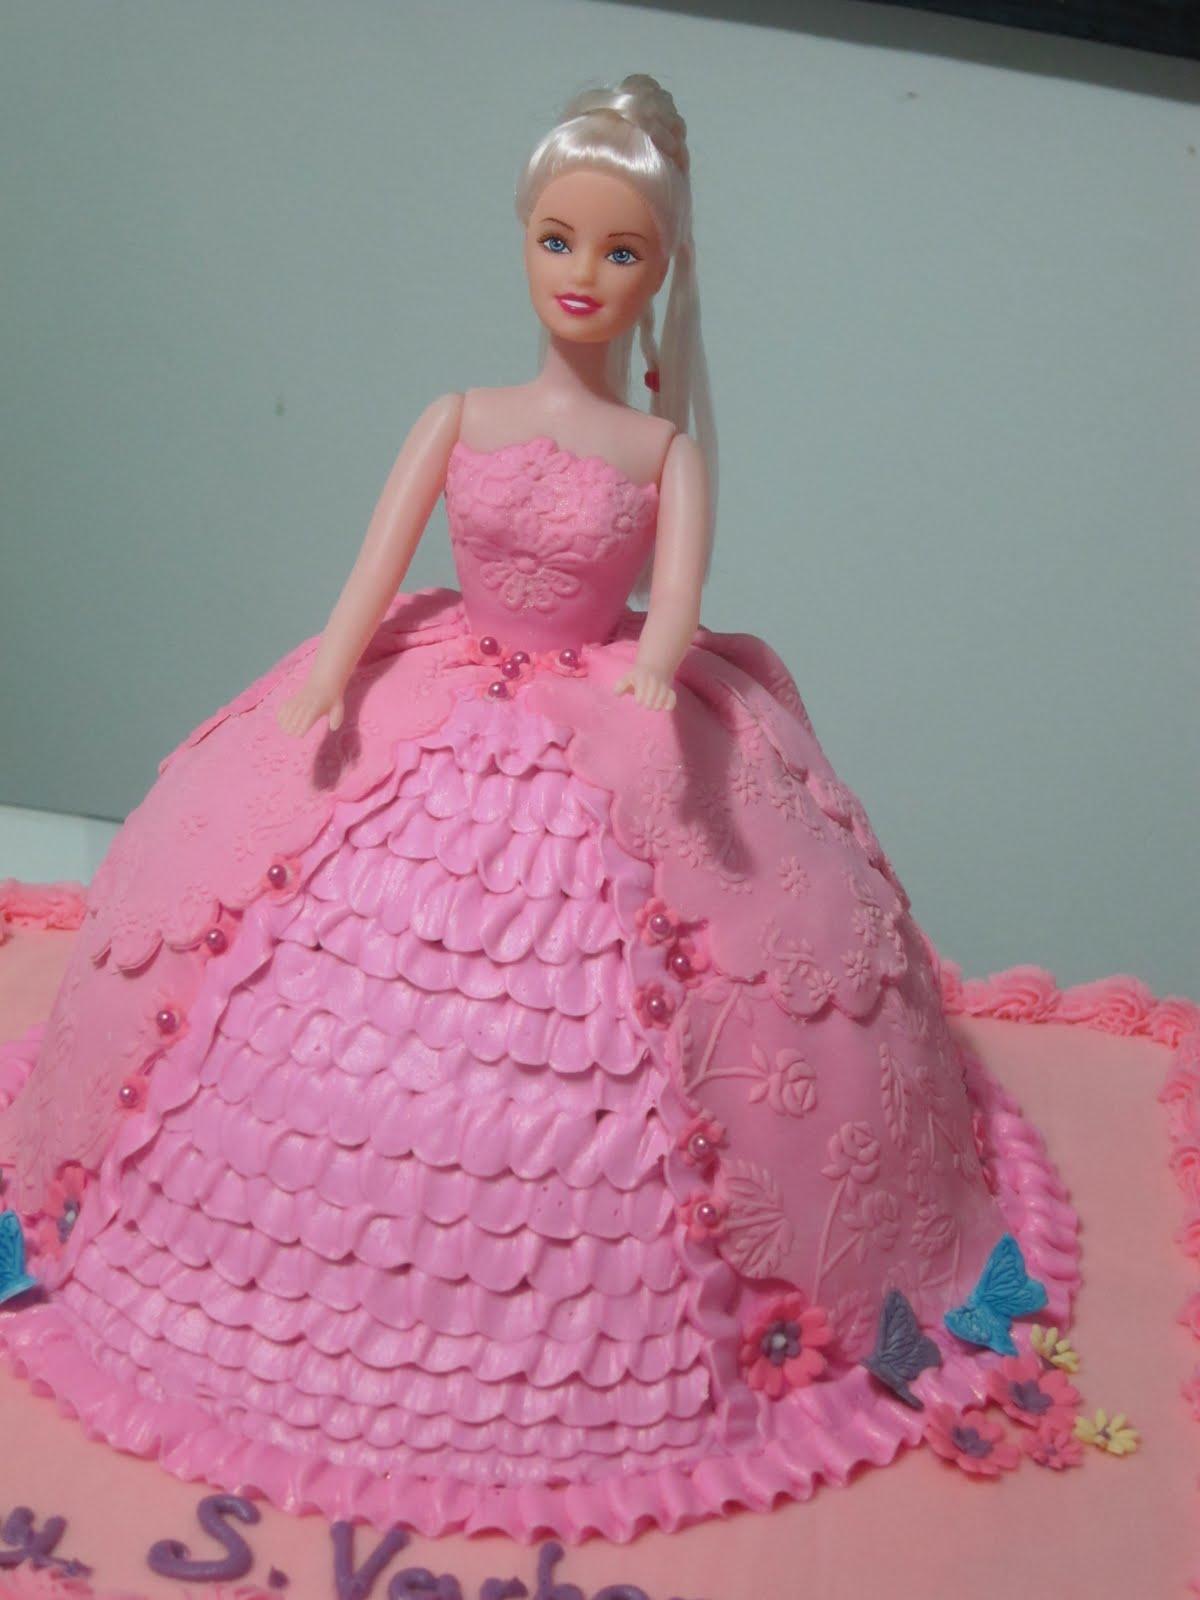 Торт Кукла Барби пошаговый рецепт с фото в домашних условиях 15